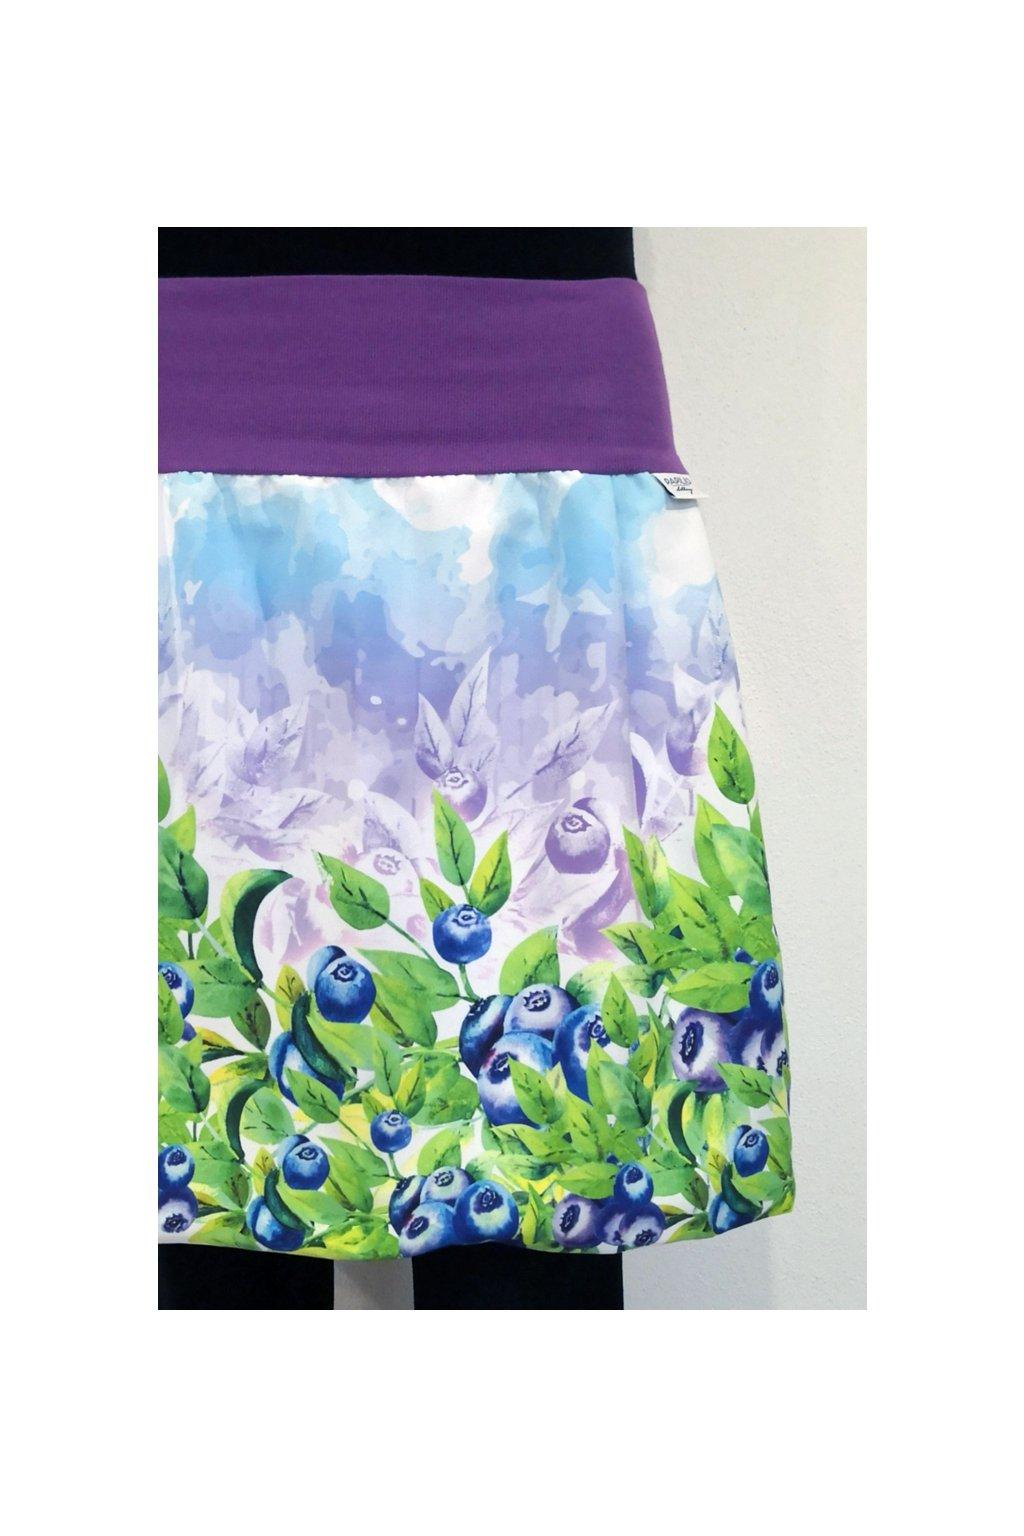 SKLADEM - balonová sukně Borůvky barevné | micropeach